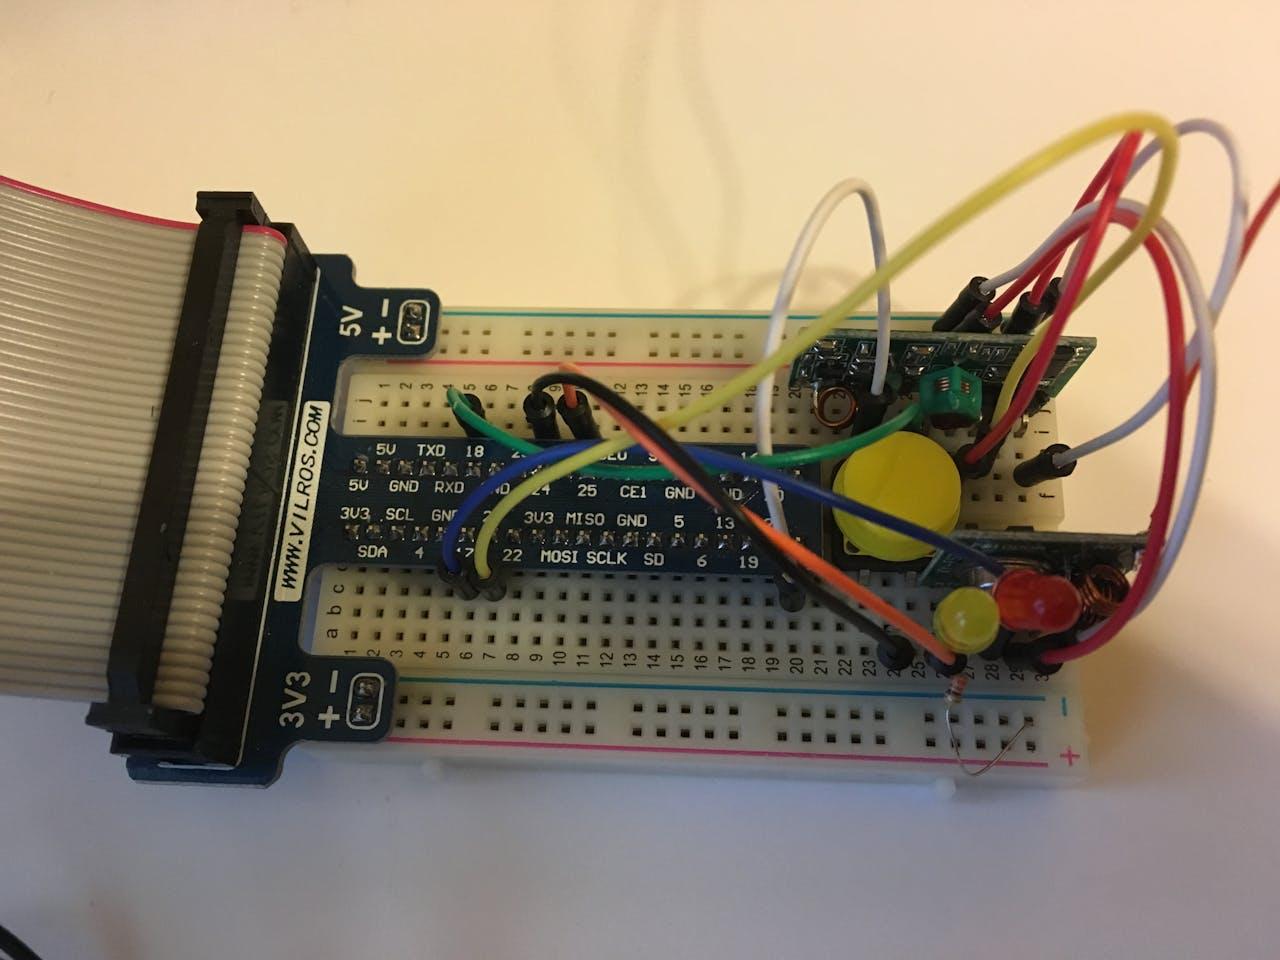 Awshome Home Automation Using Rpi Alexa Iot Wiringpi For Beaglebone